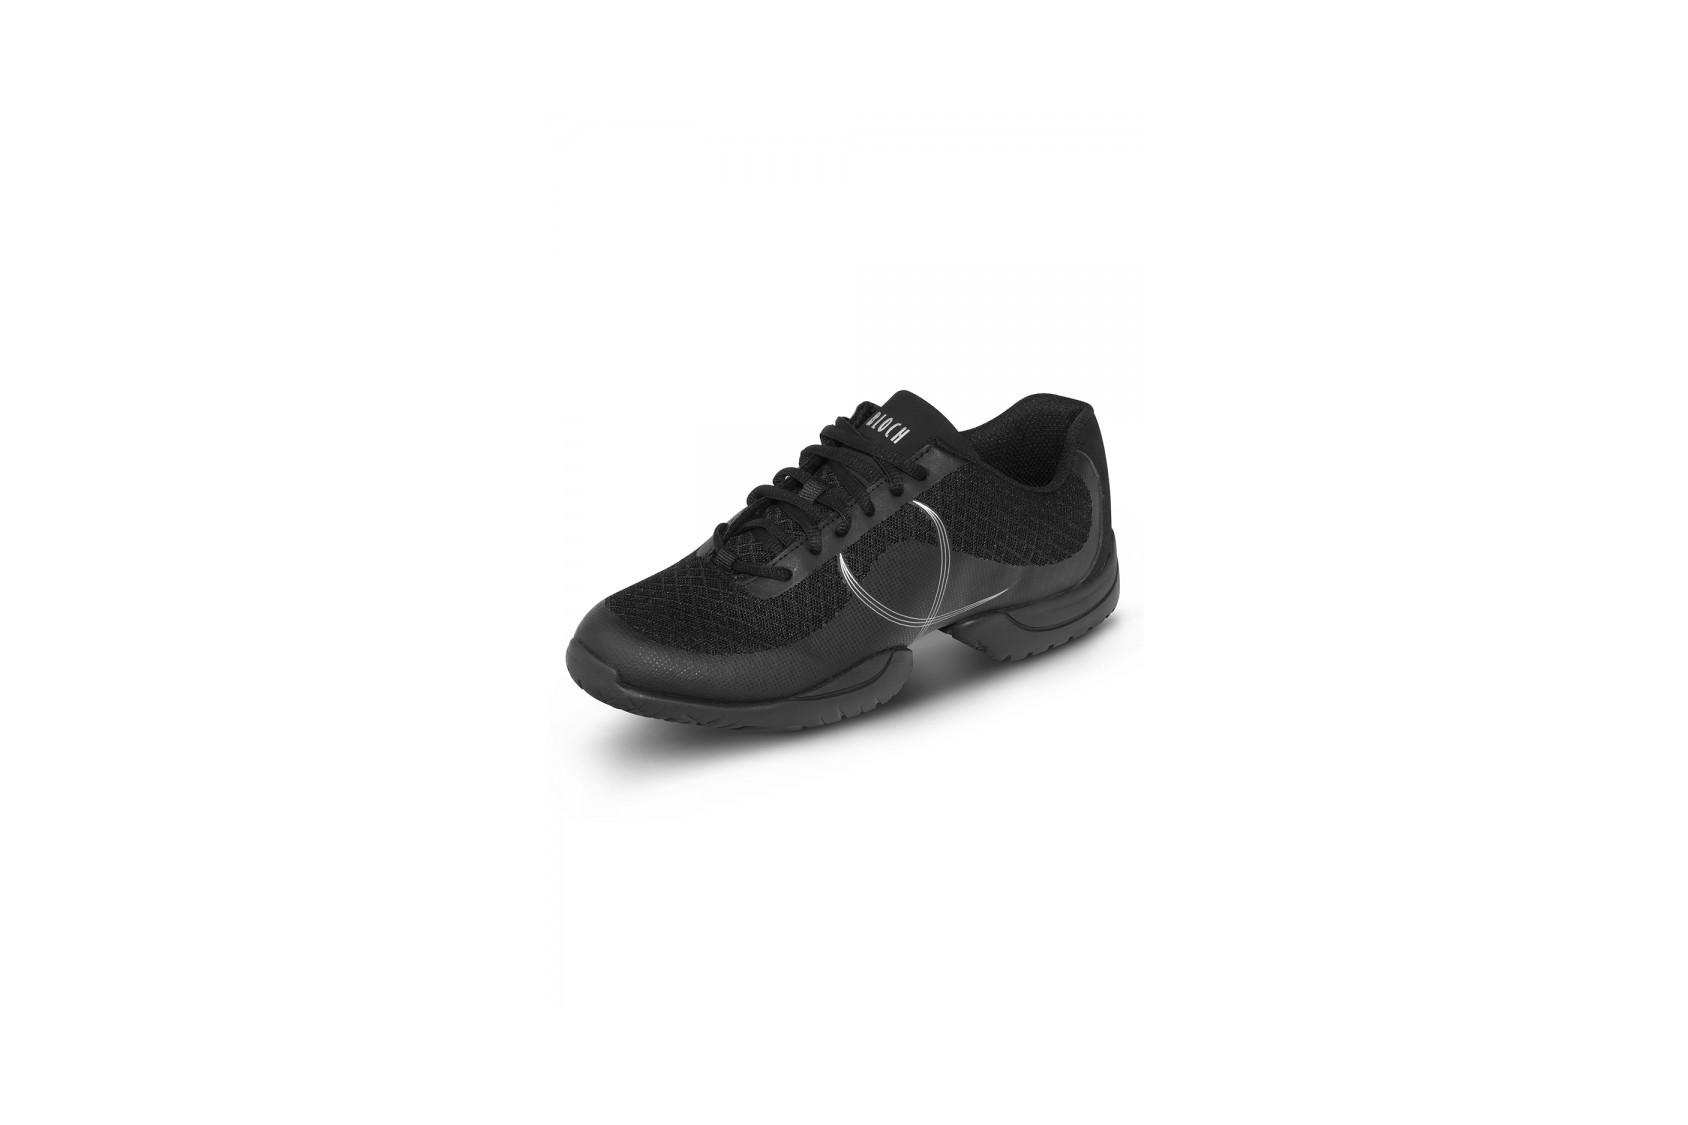 Chaussures de jazz pour homme